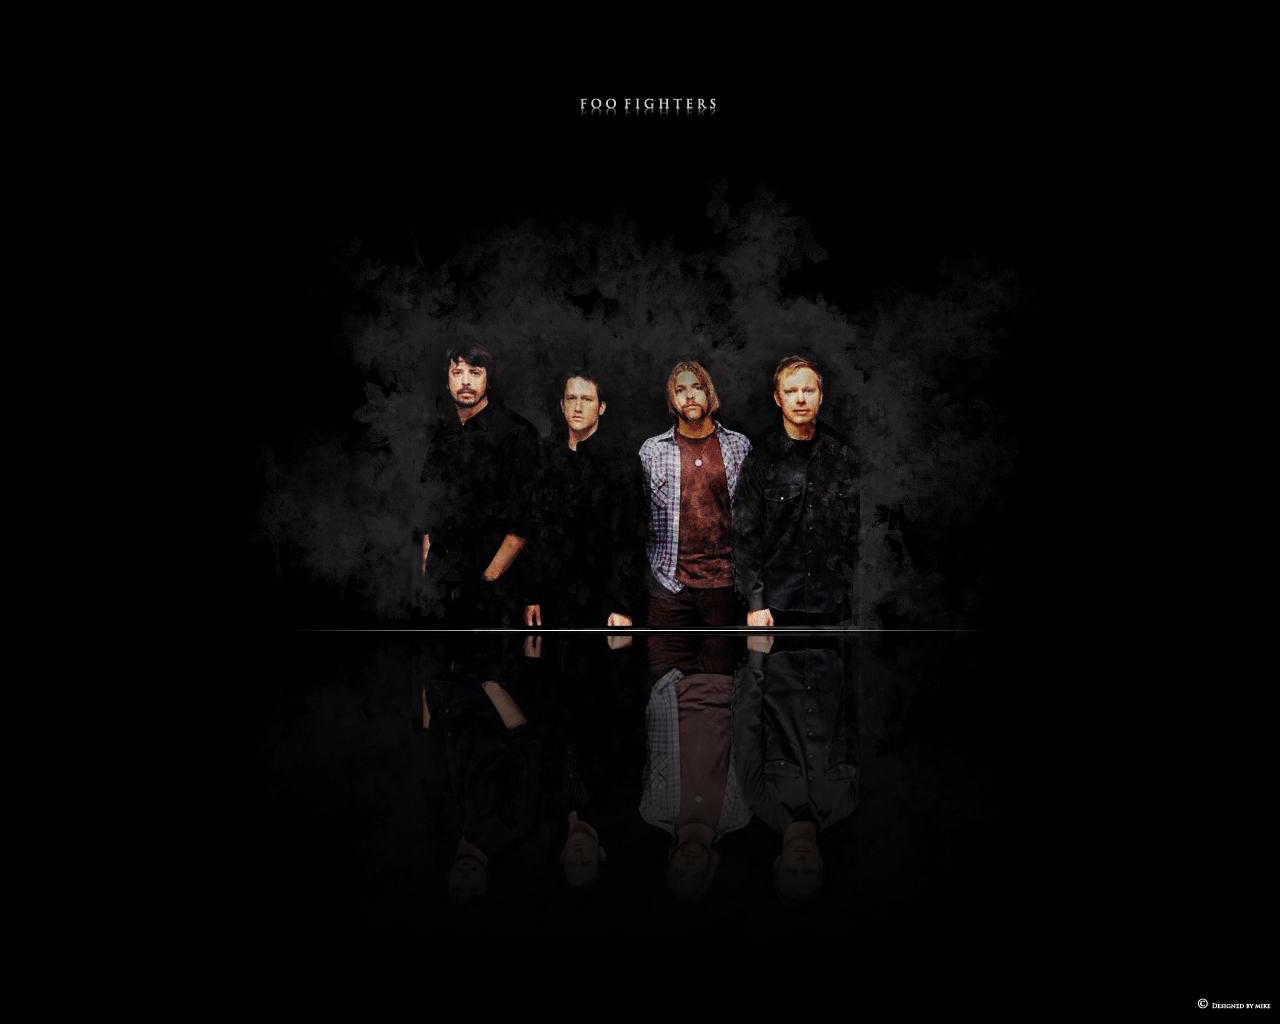 Foo Fighters Hd Wallpaper